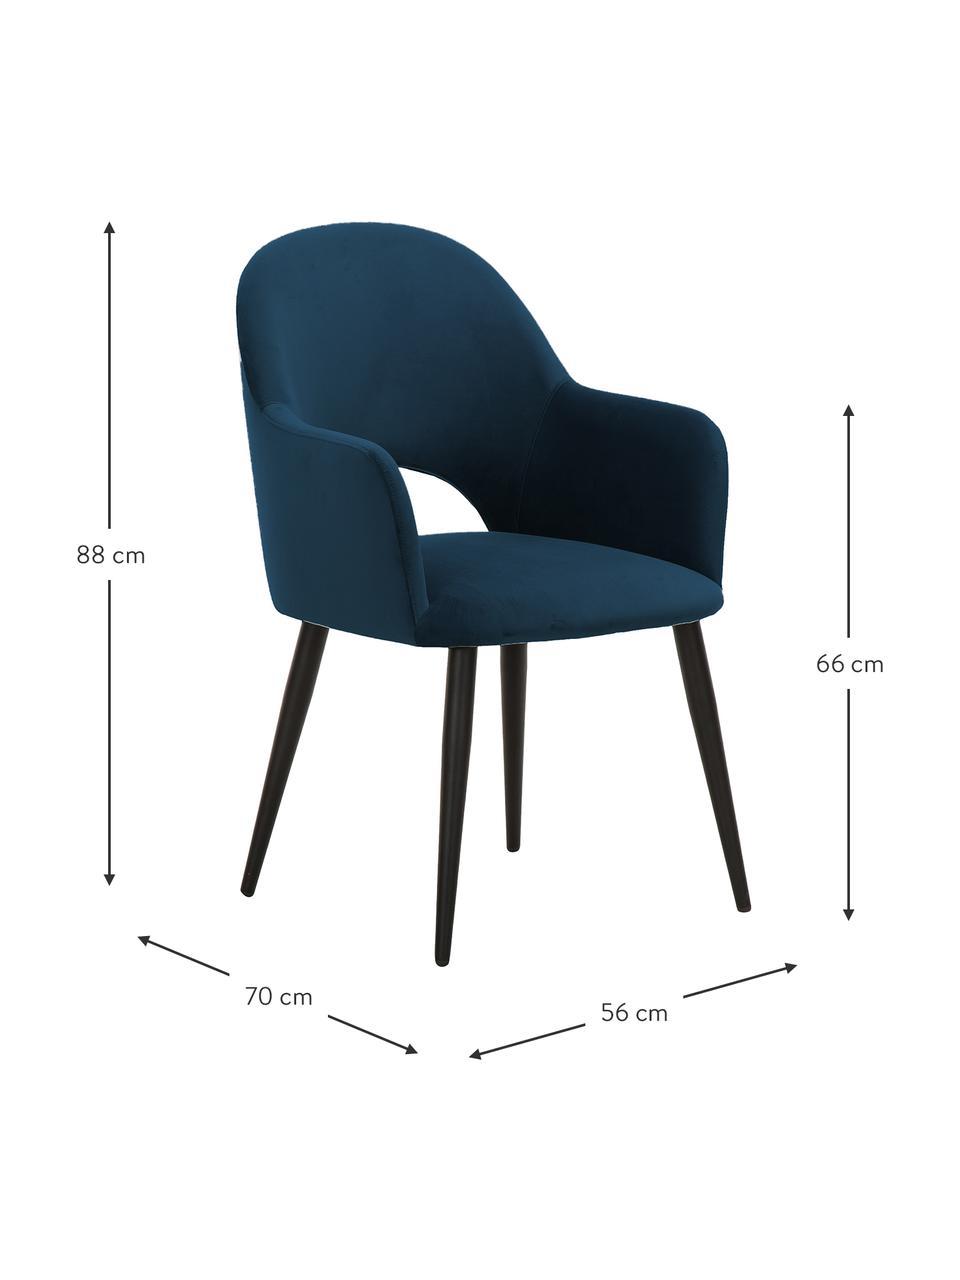 Sedia con braccioli in velluto blu scuro Rachel, Rivestimento: velluto (poliestere) Il r, Gambe: metallo verniciato a polv, Velluto blu scuro, Larg. 56 x Alt. 70 cm